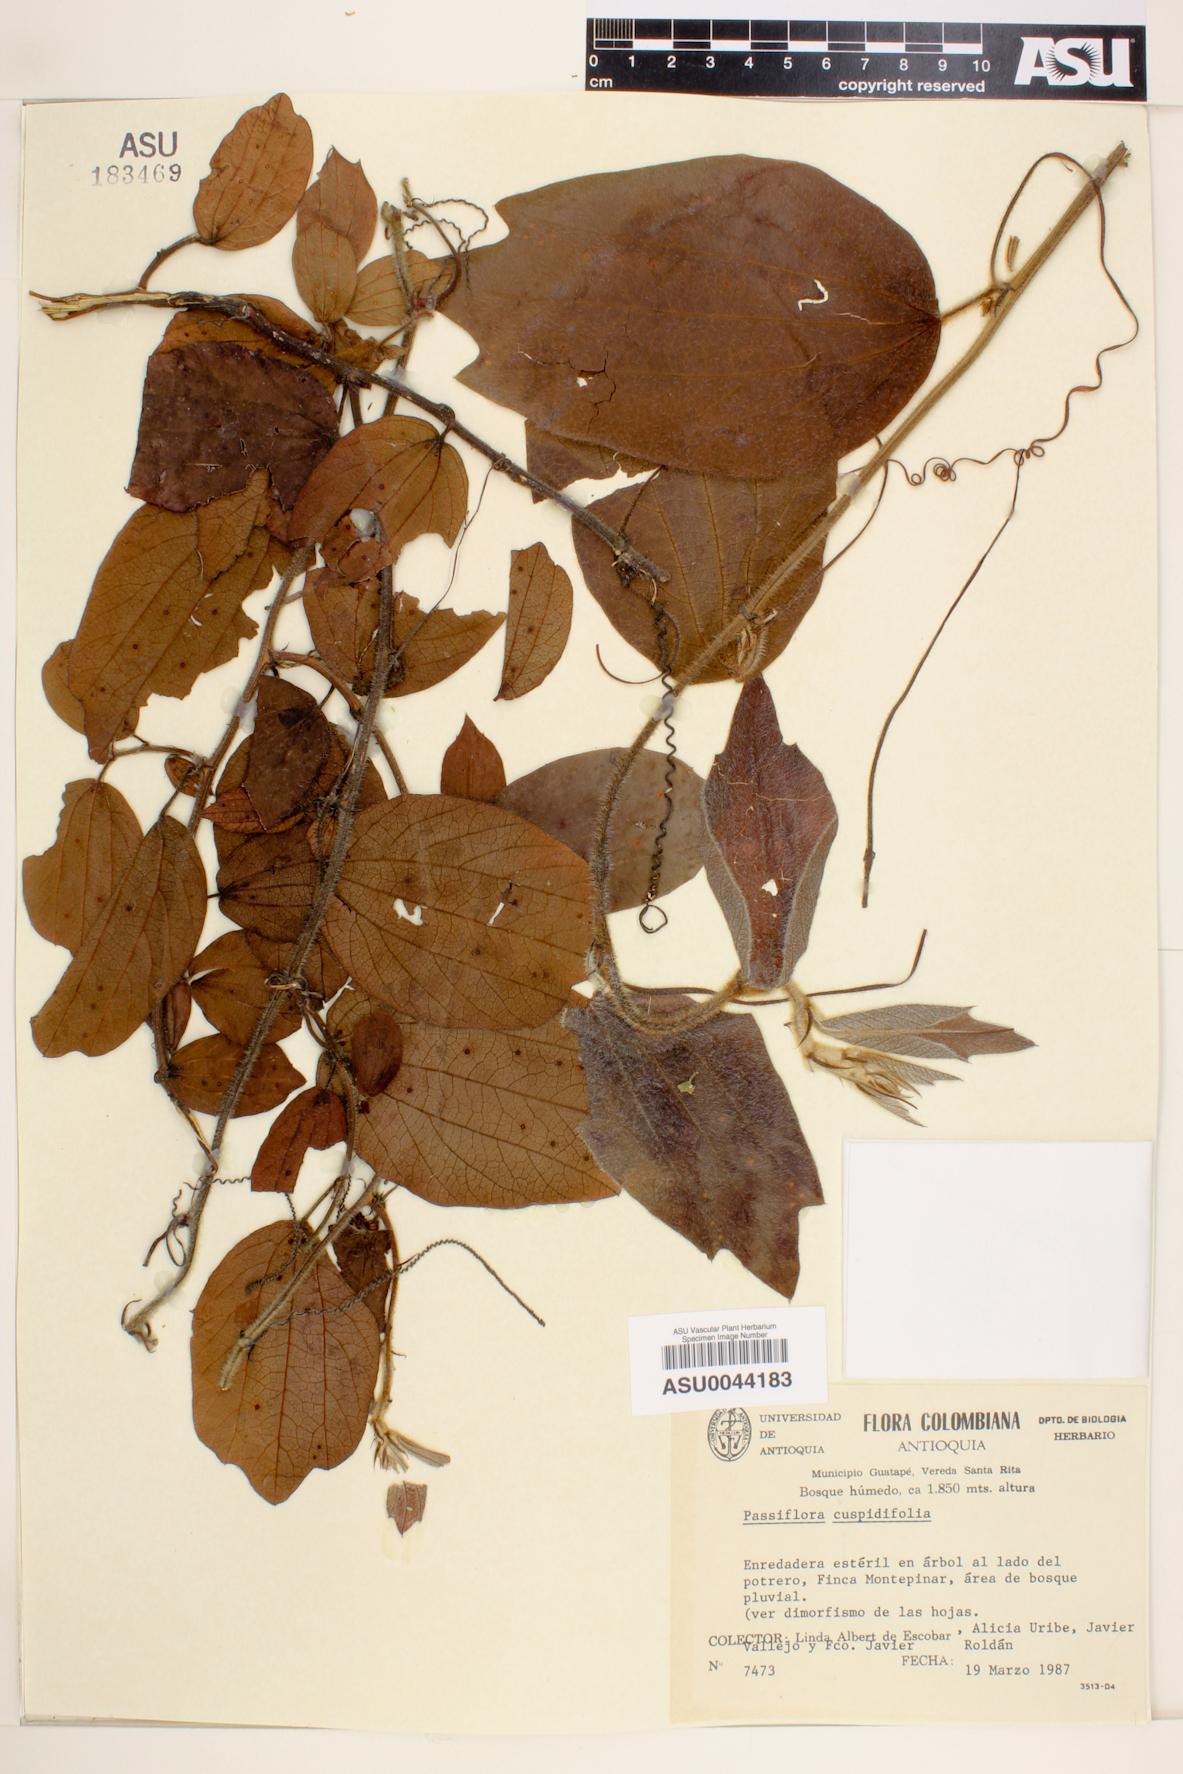 Passiflora cuspidifolia image